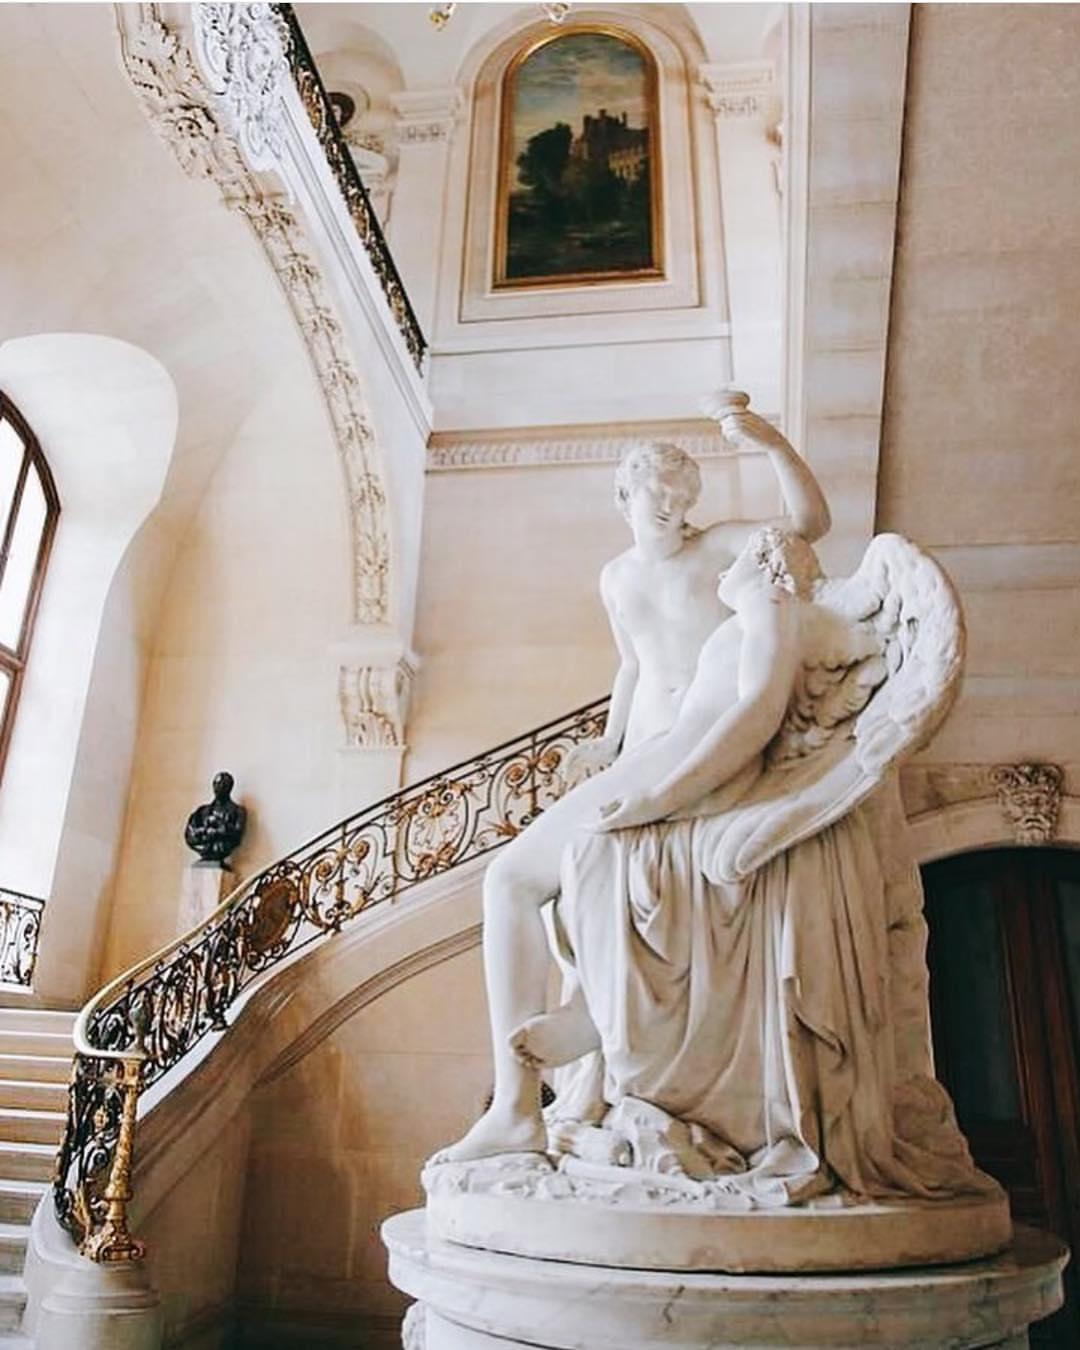 Amour et Psyché, François-Nicolas Delaistre (1746-1832), Musée du Louvre, Paris